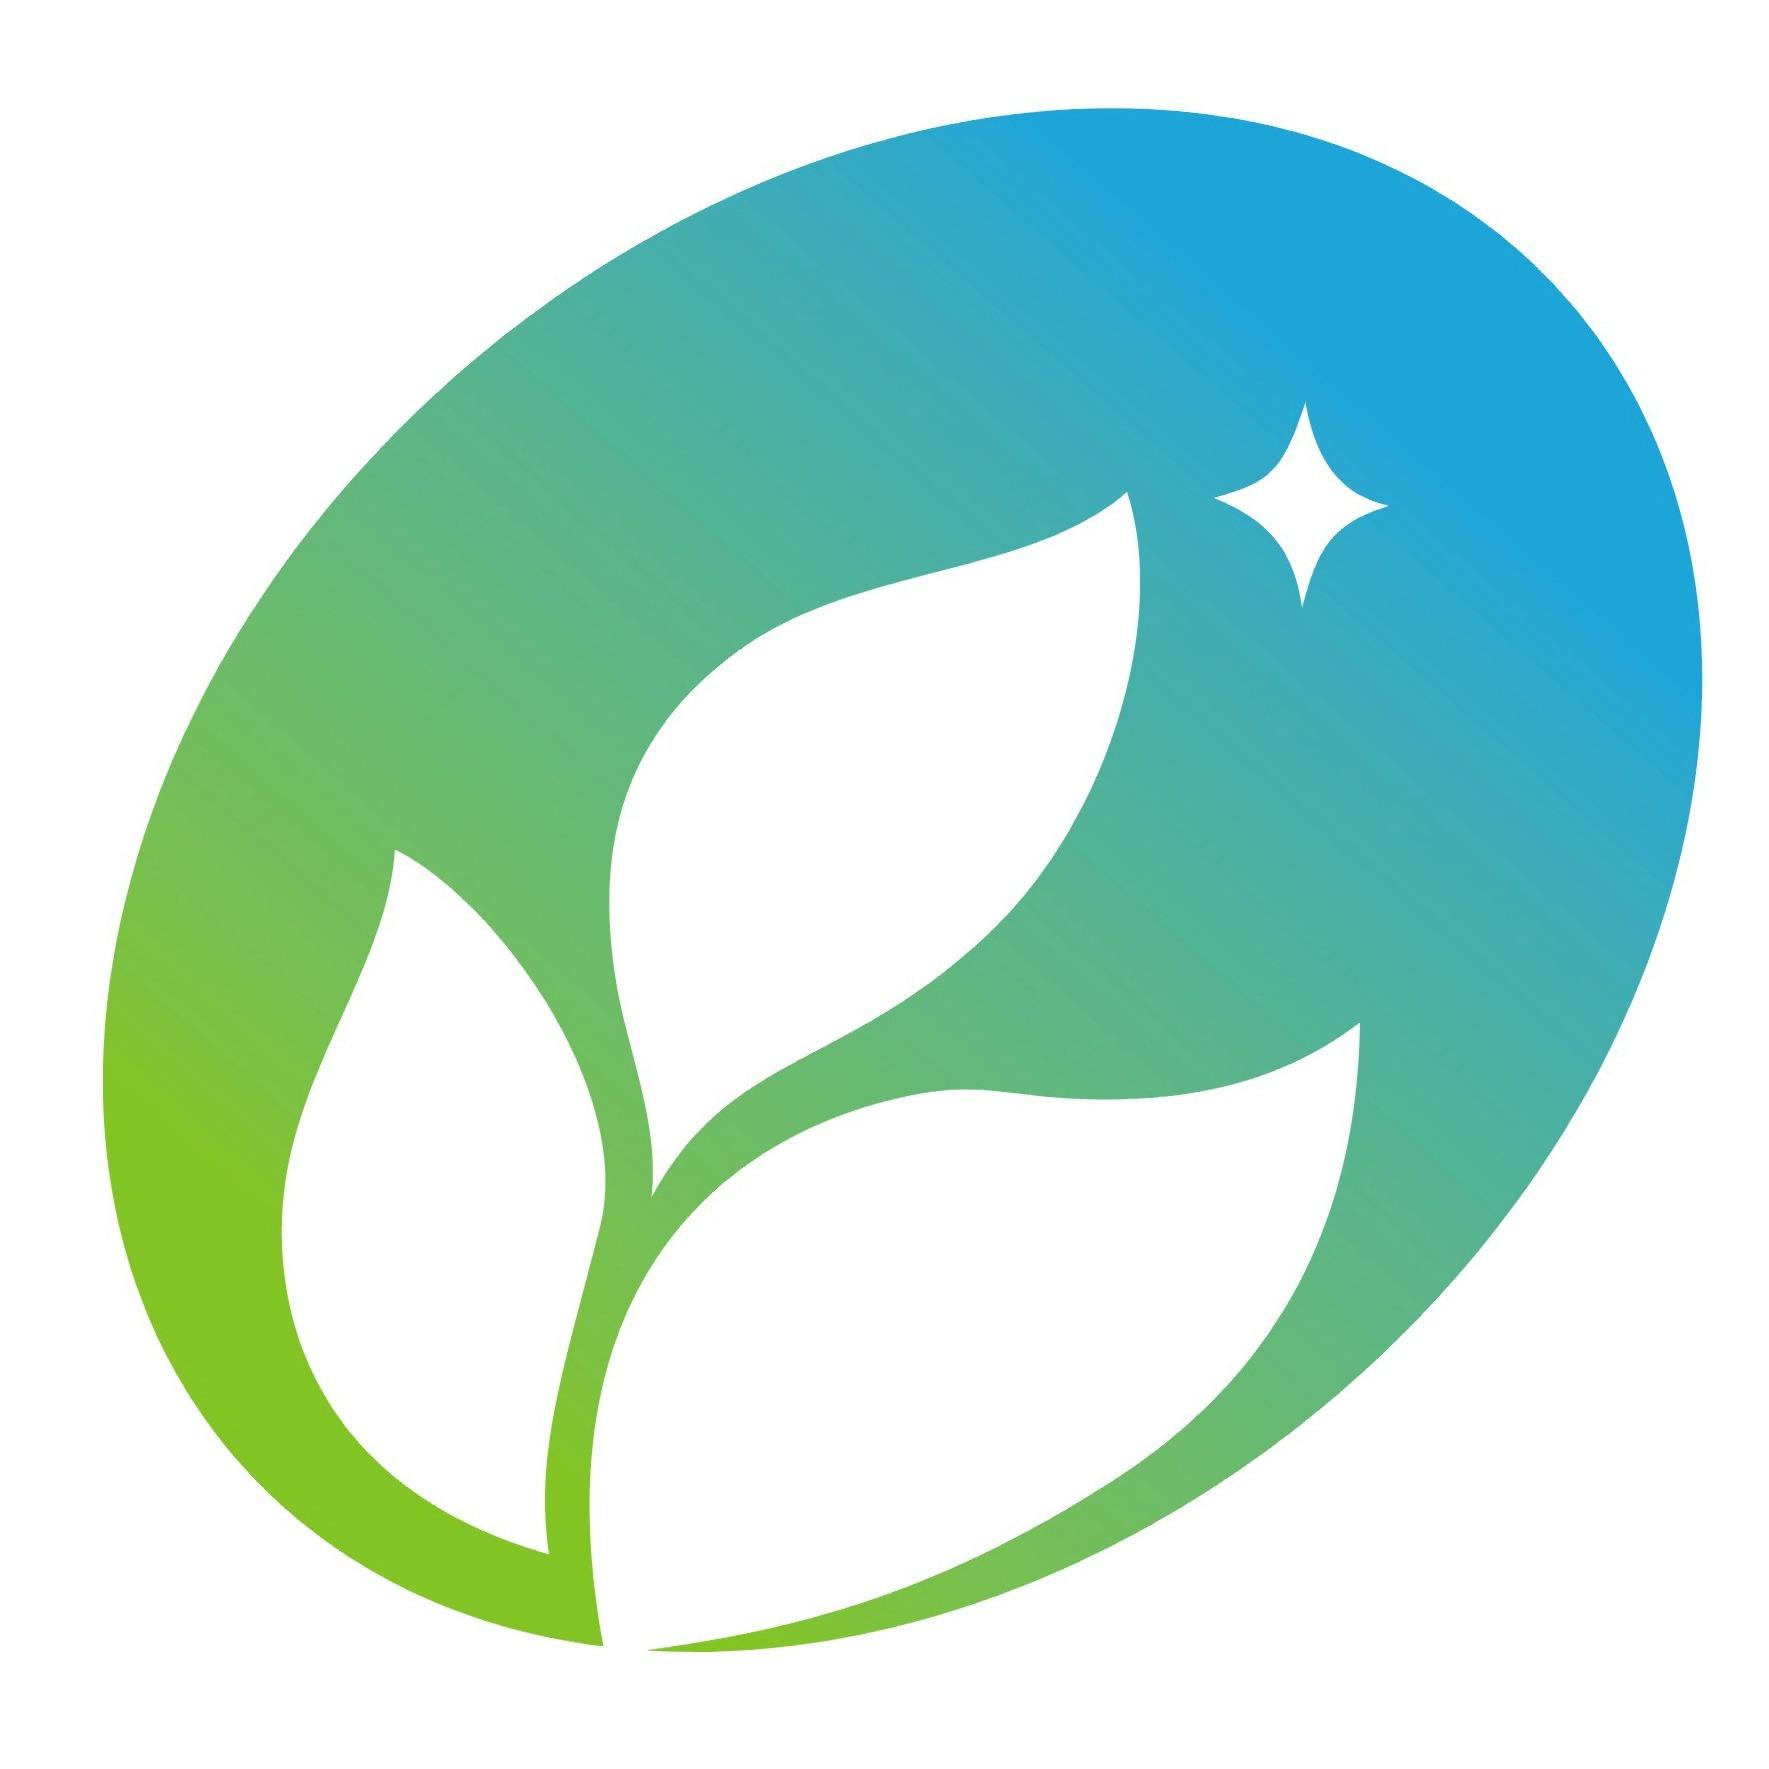 logo logo 标志 设计 矢量 矢量图 素材 图标 1769_1769